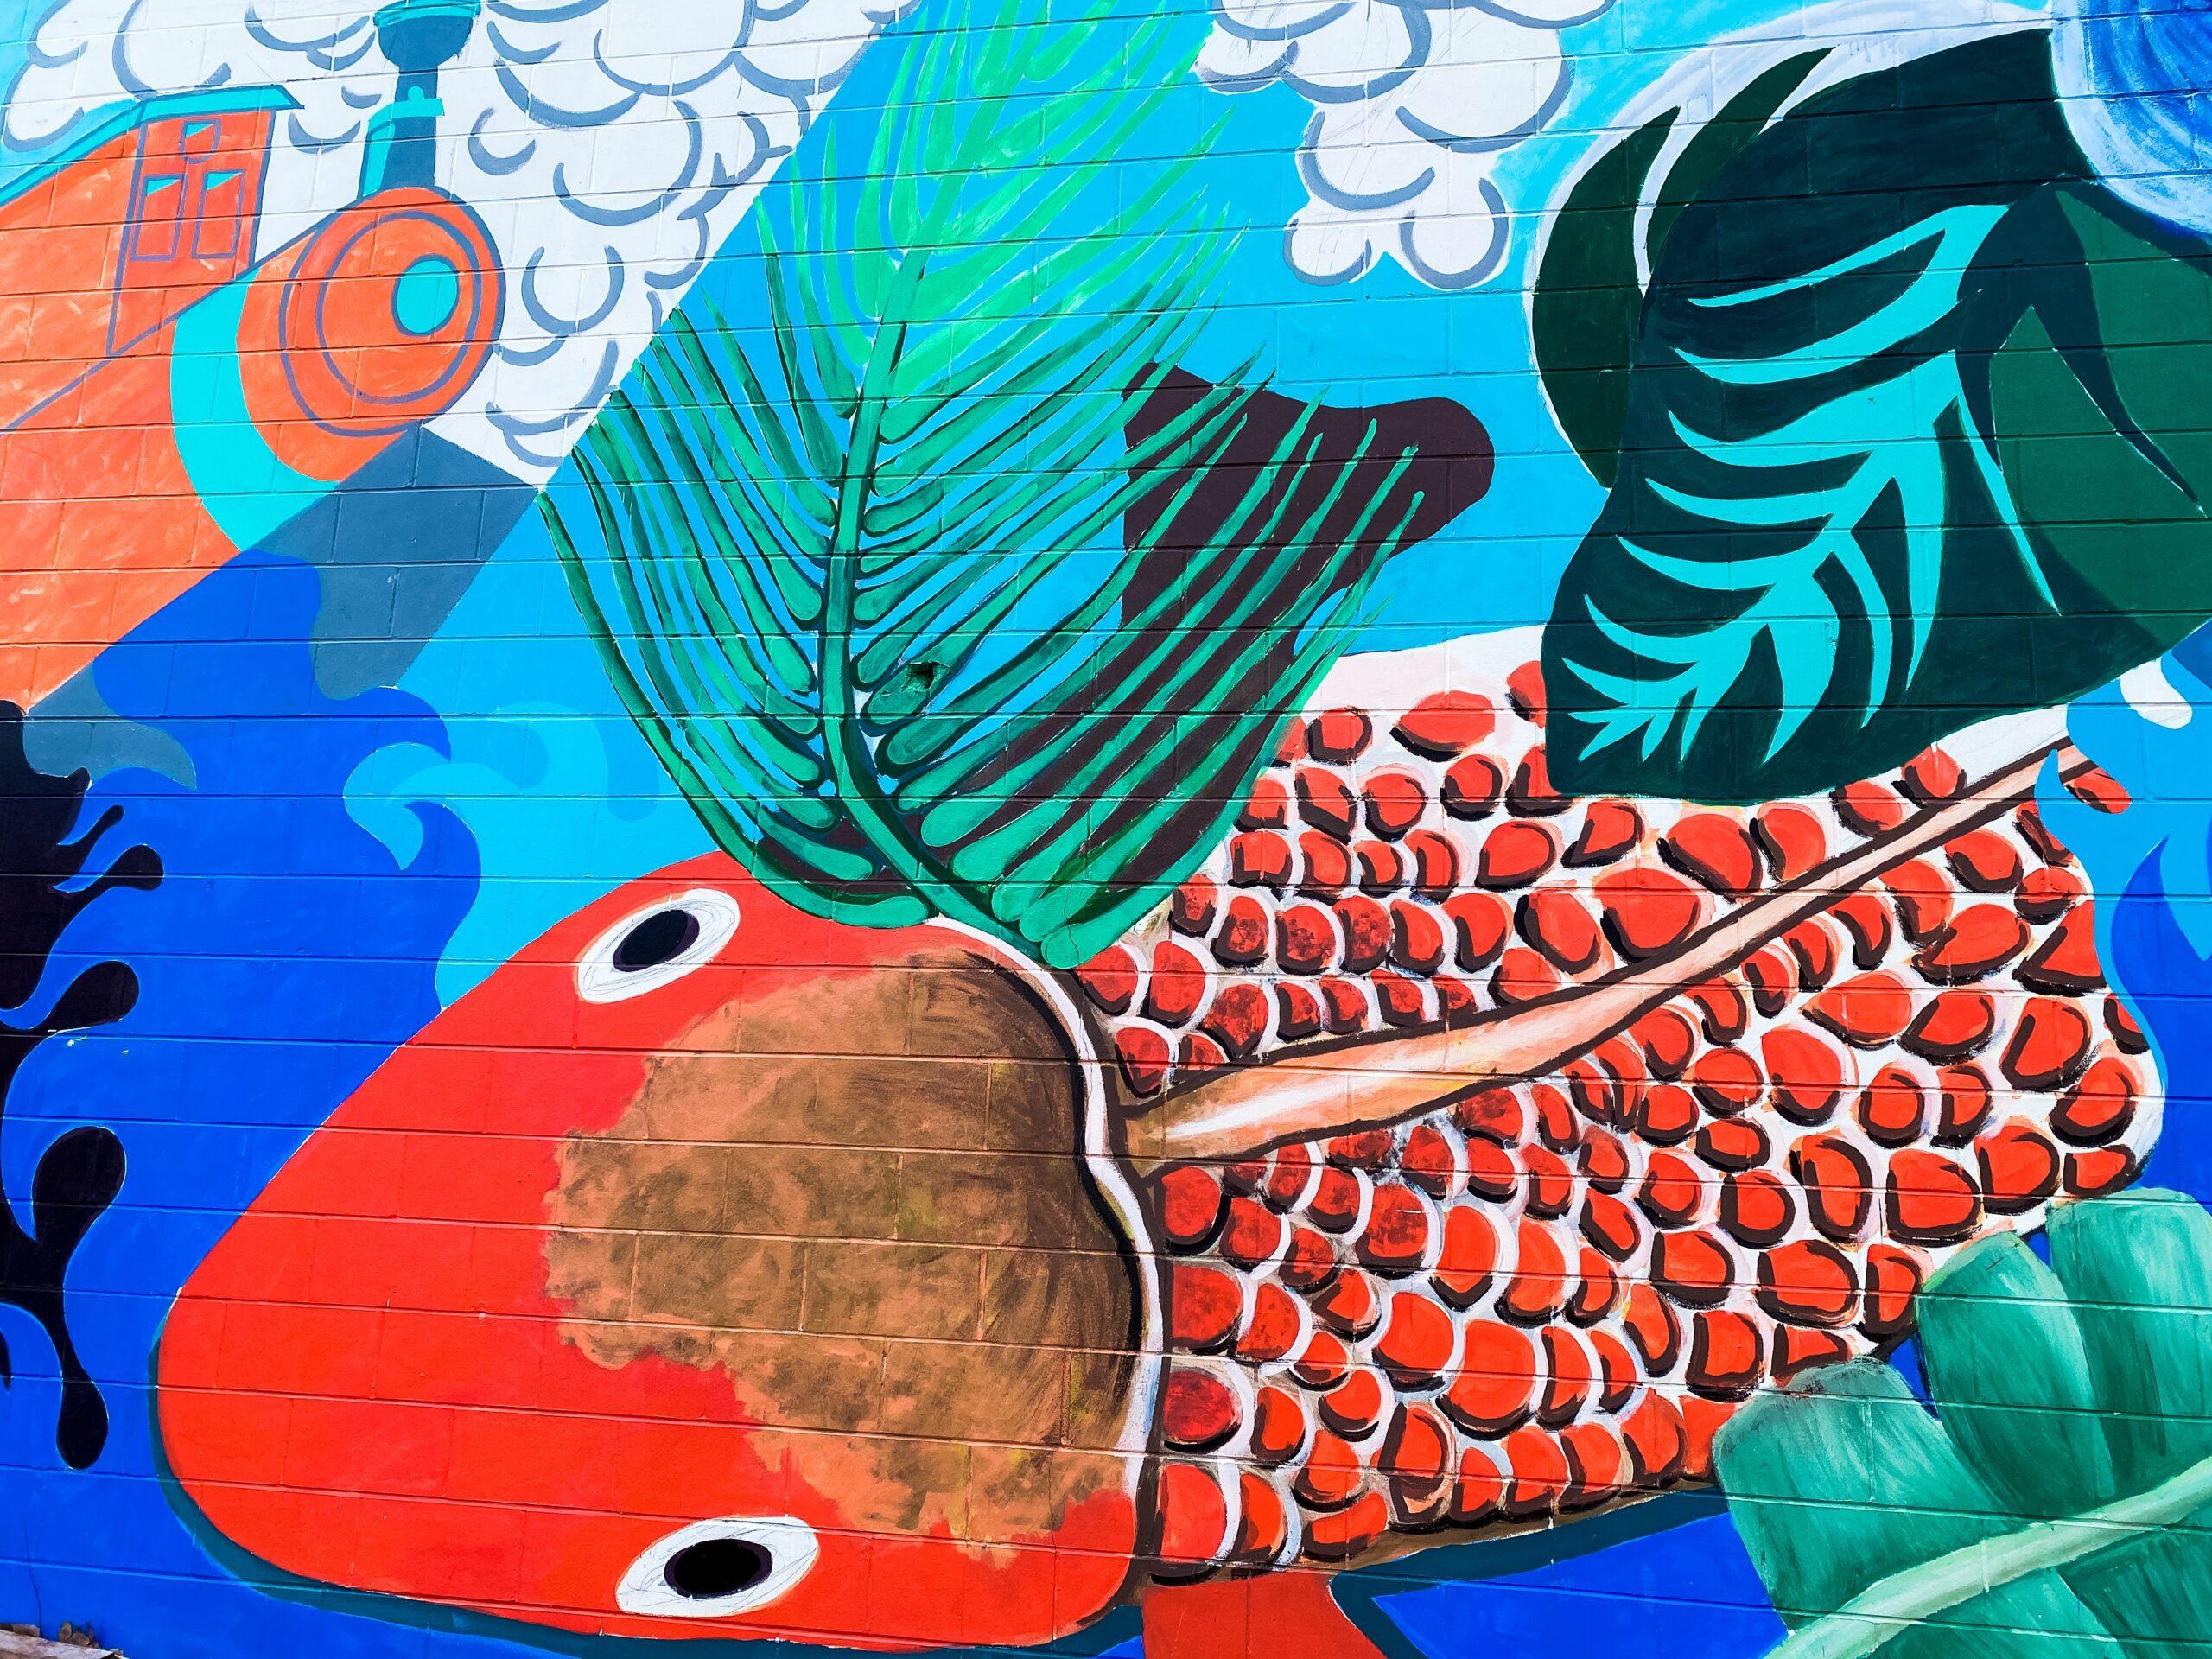 renee-fisher-Koi fish mural-unsplash